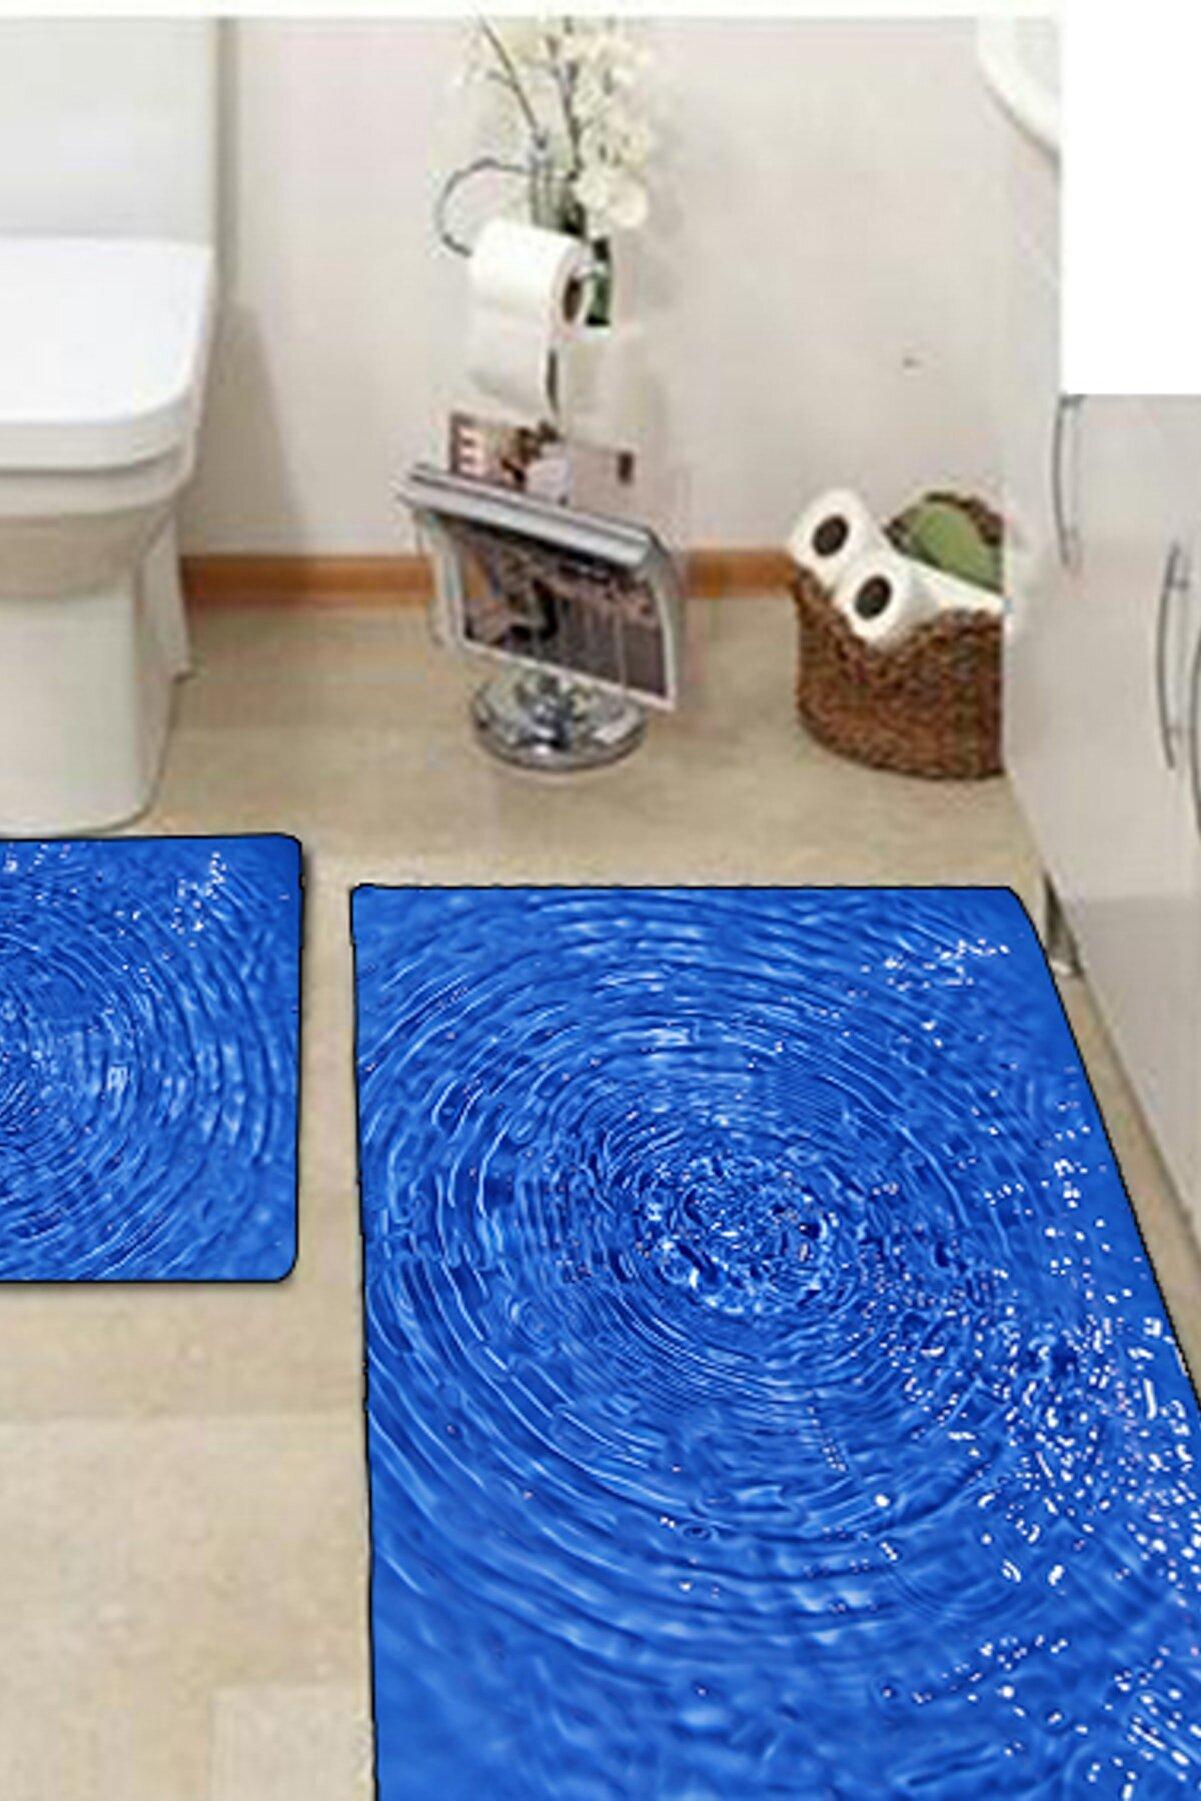 Else Halı 3 Boyutlu Deniz Klozet Takımı 2Li Banyo Paspas Seti Halısı